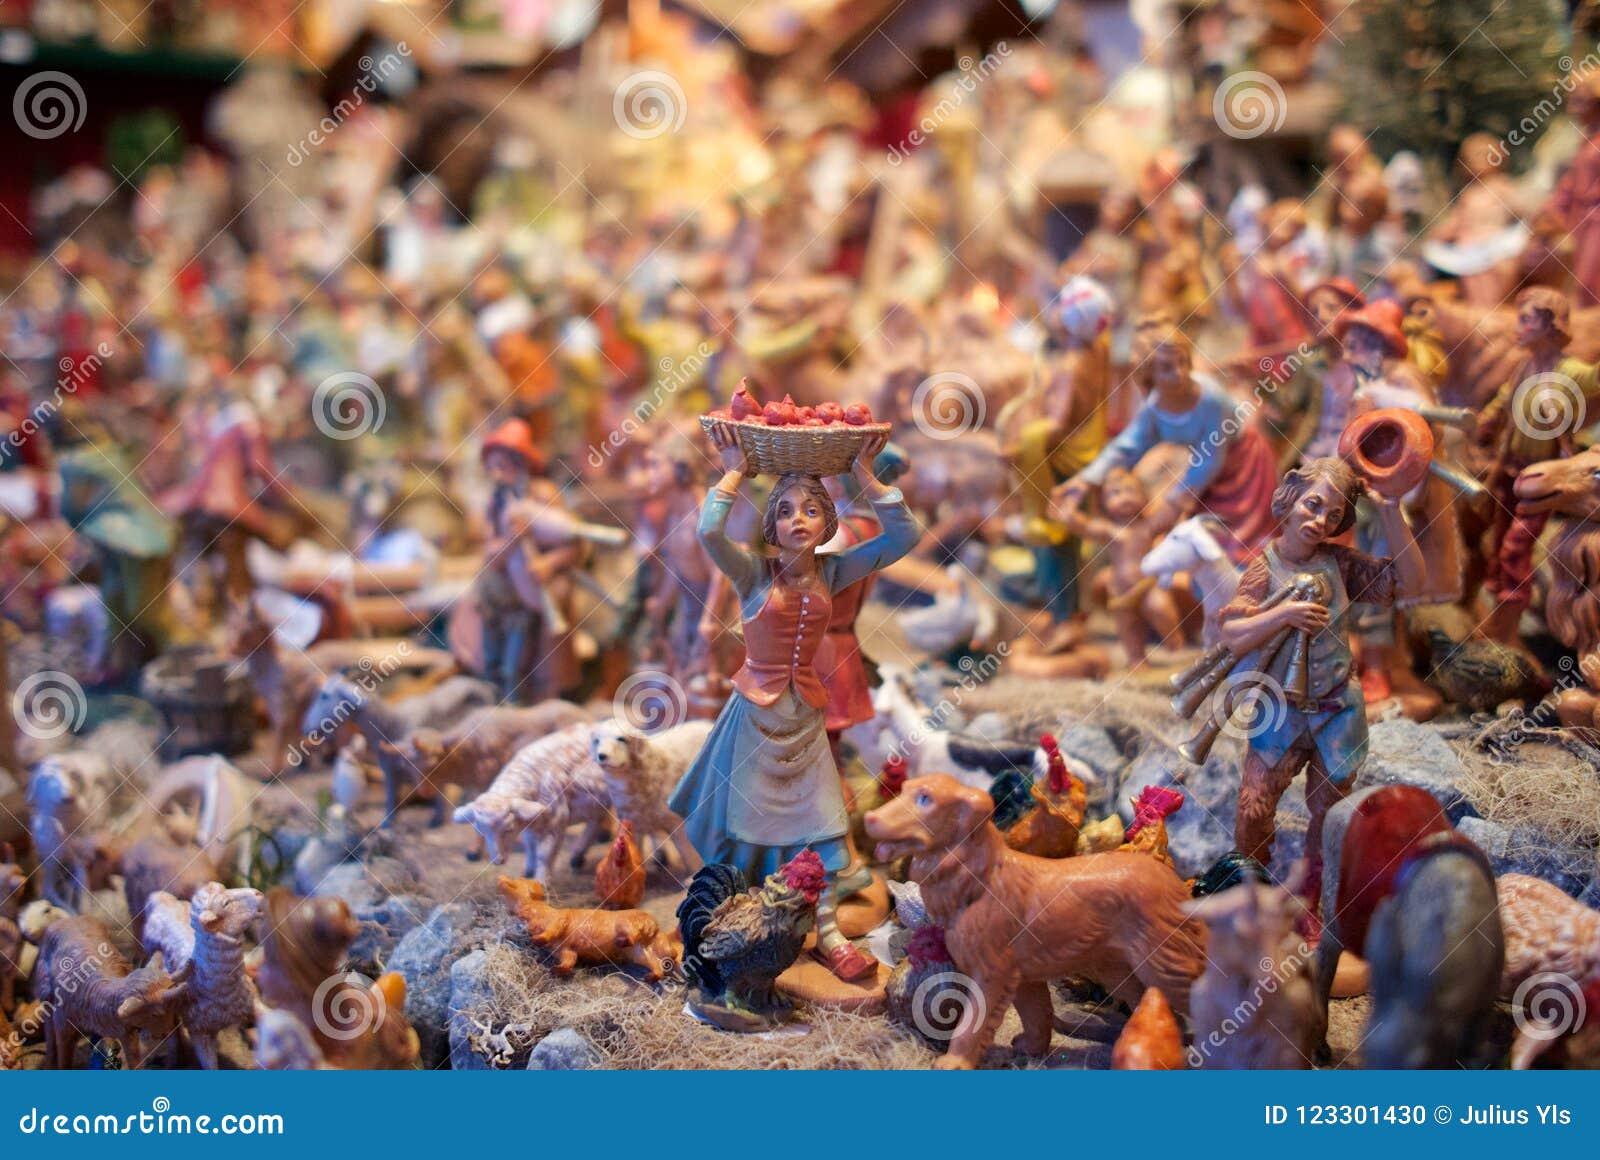 Las mini esculturas en la Navidad comercializan Viena, Austria